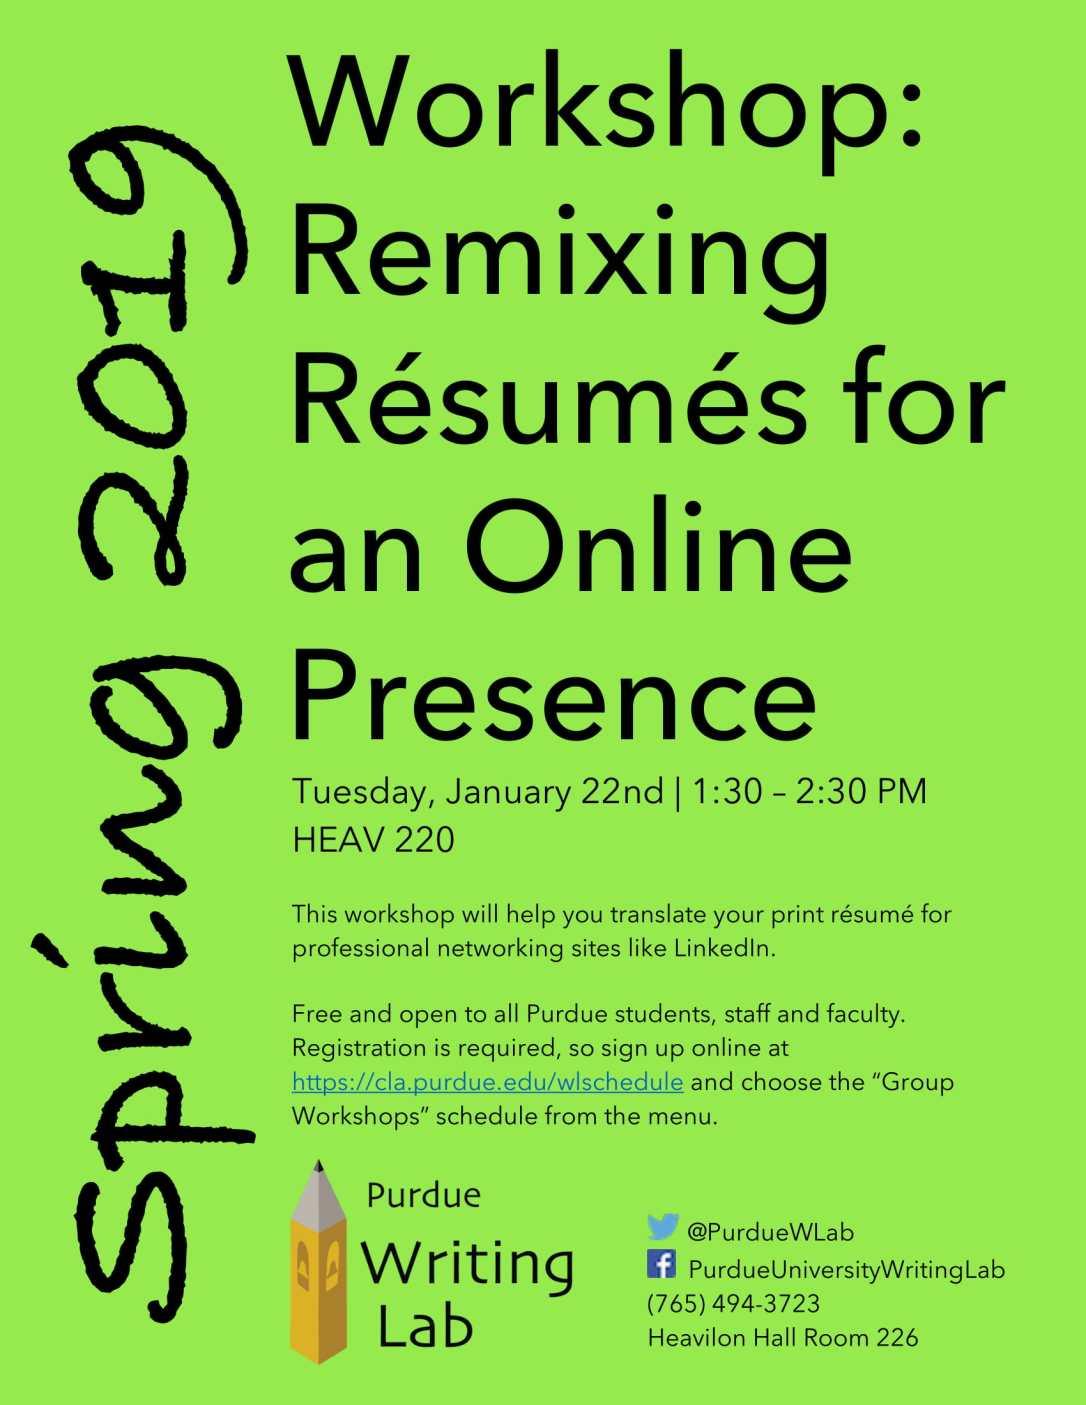 Resume Workshop Flyer_SPring 2019-1